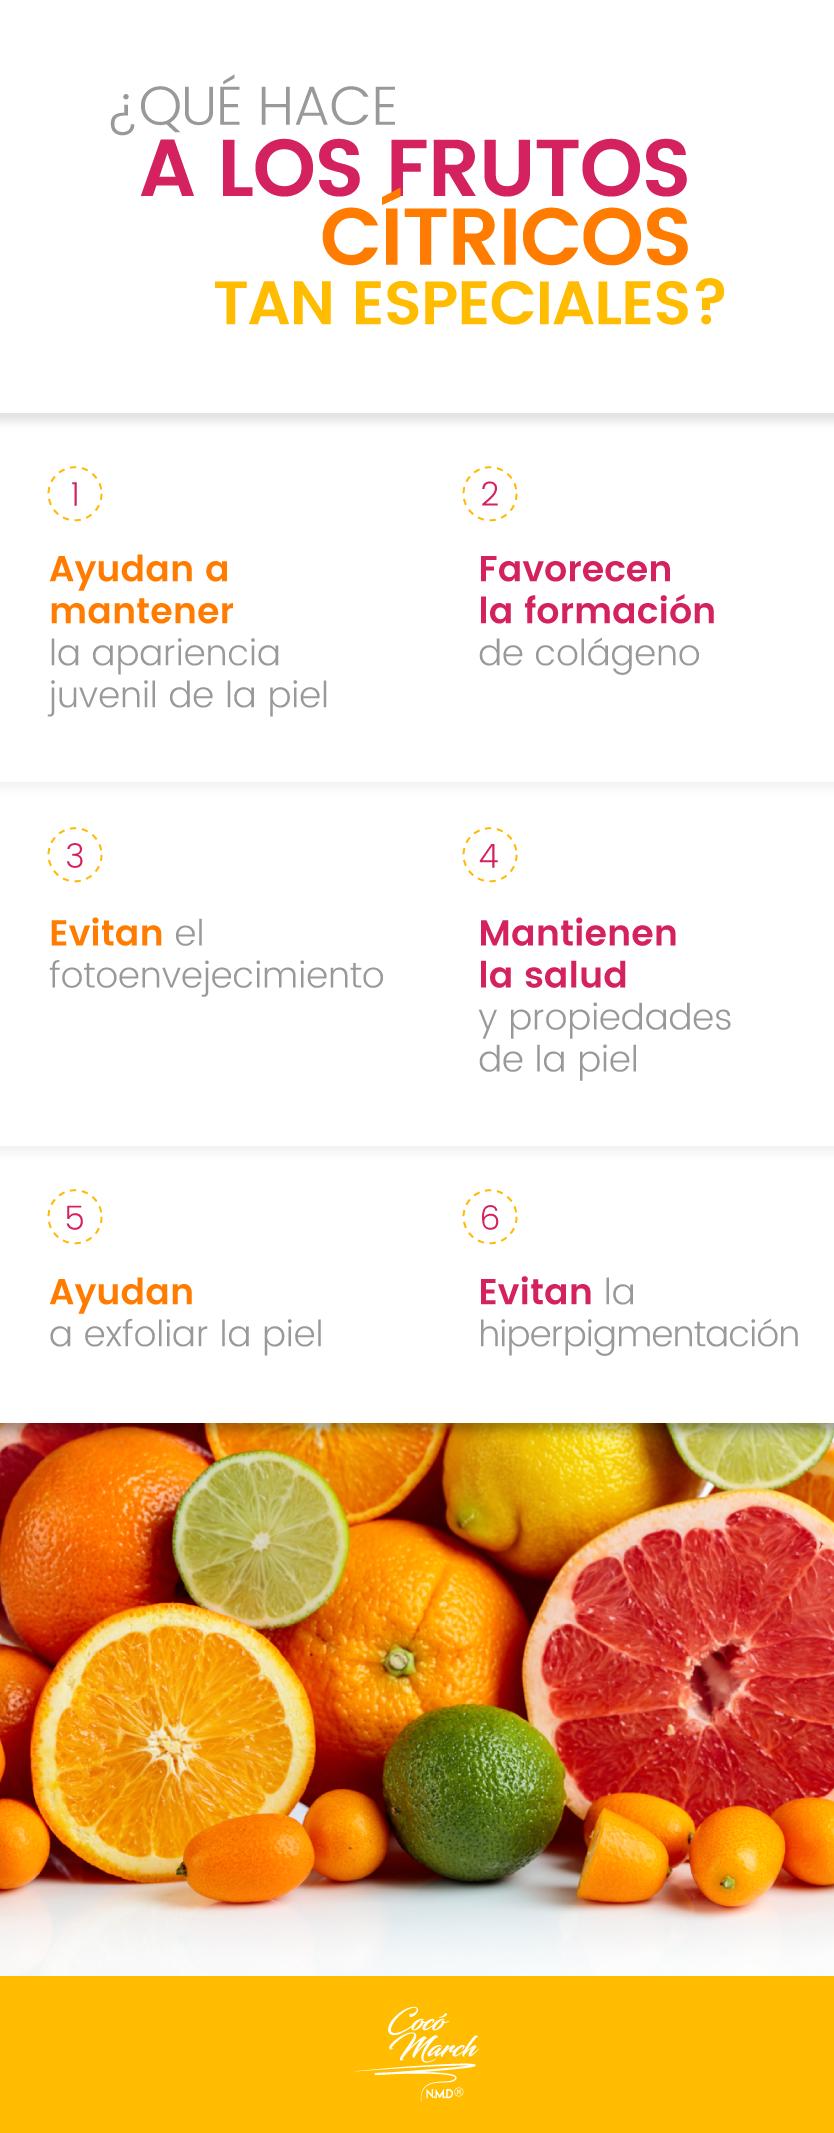 frutos-citricos